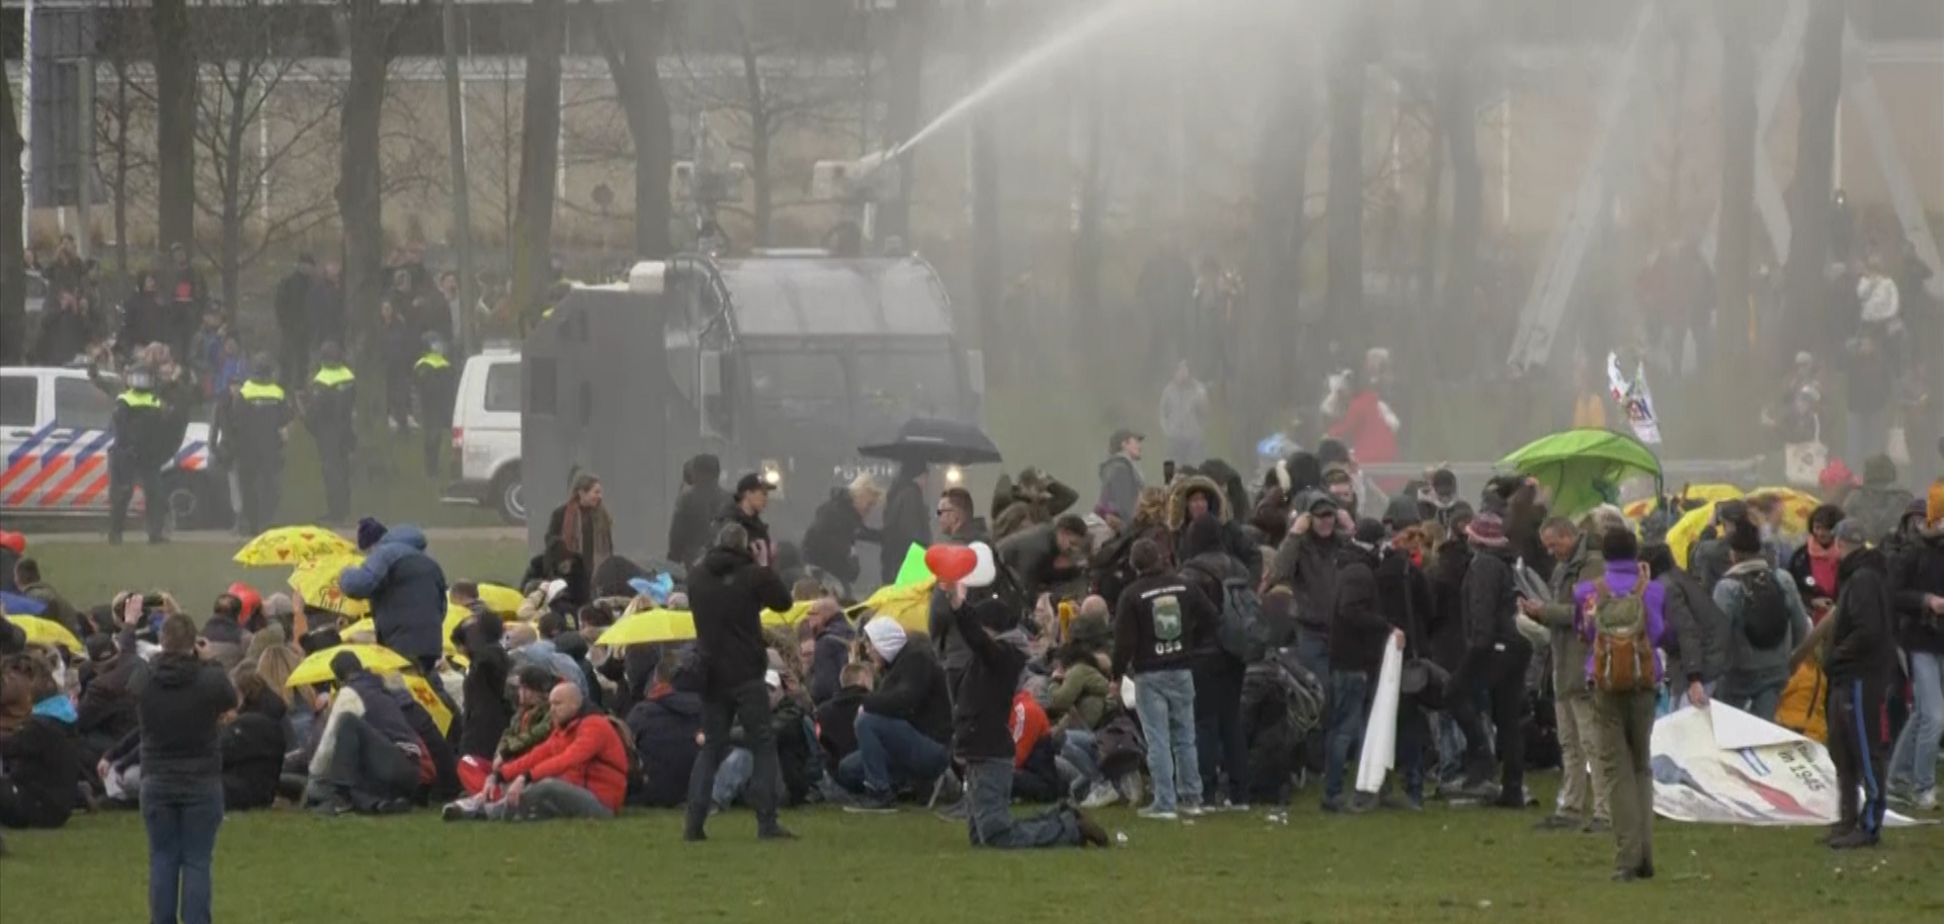 Поліція Гааги застосувала водомети під час розгону демонстрантів